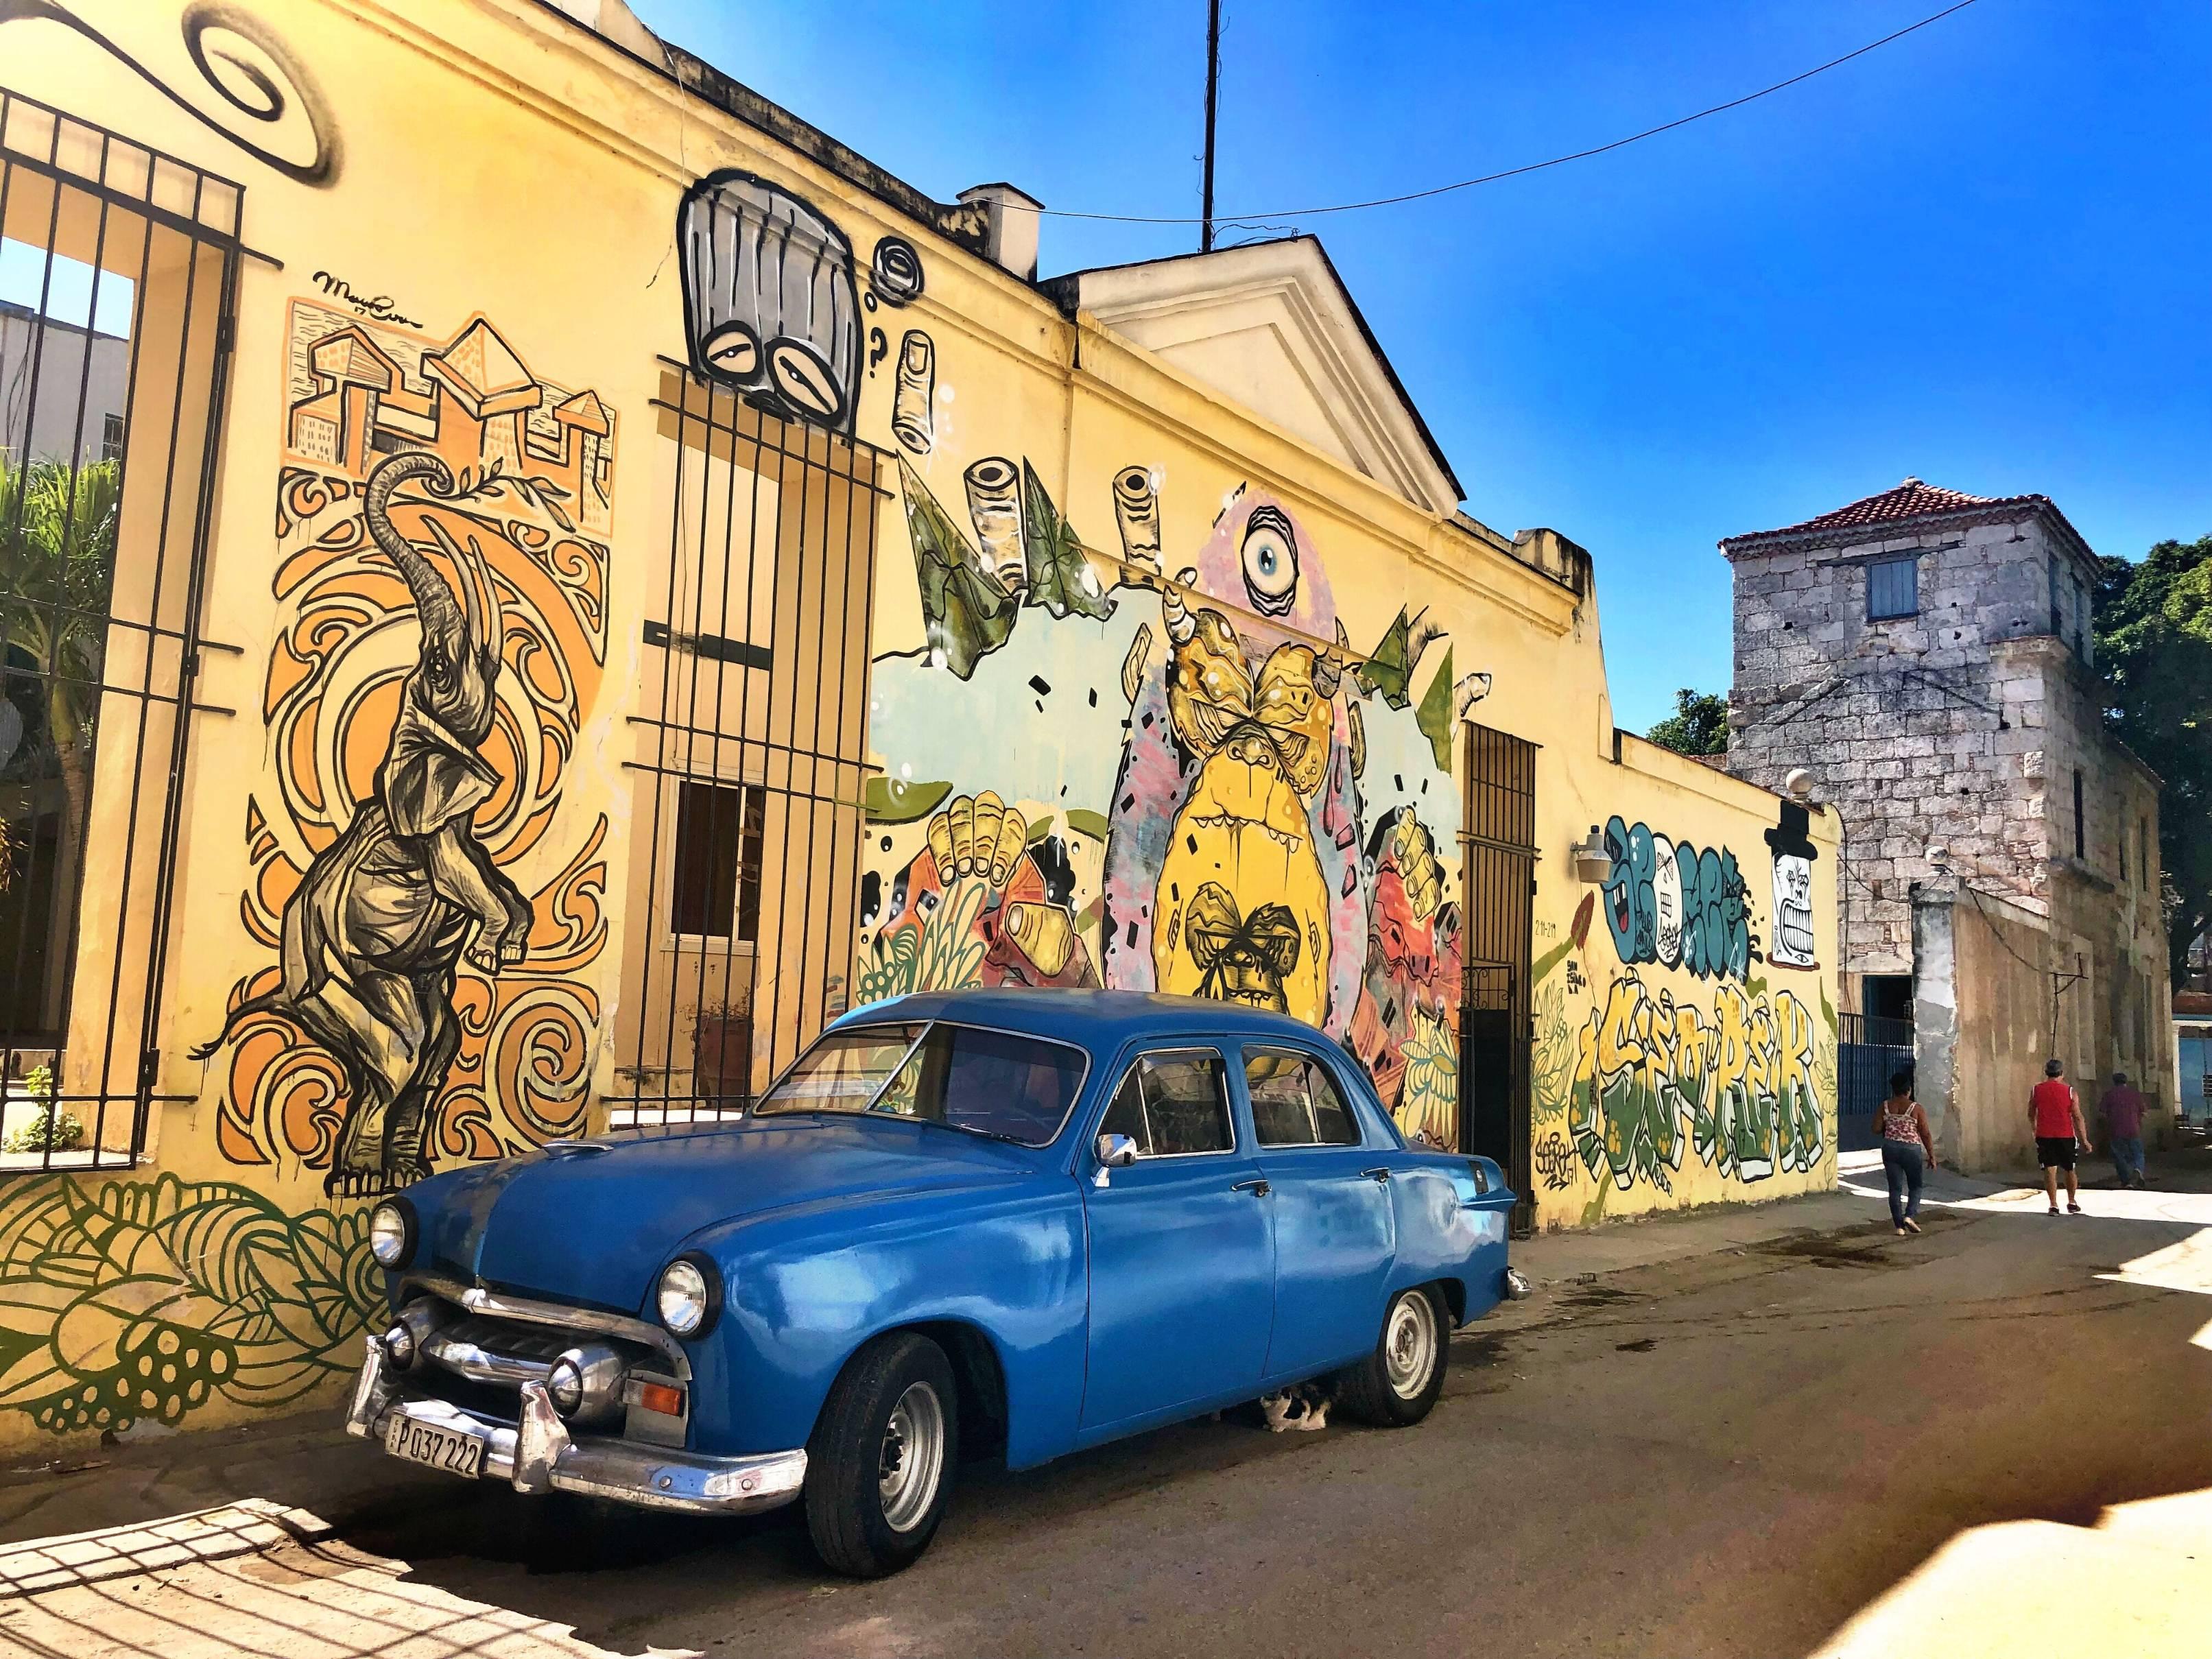 南美四国 巴西/阿根廷/智利/秘鲁 18天深度之旅